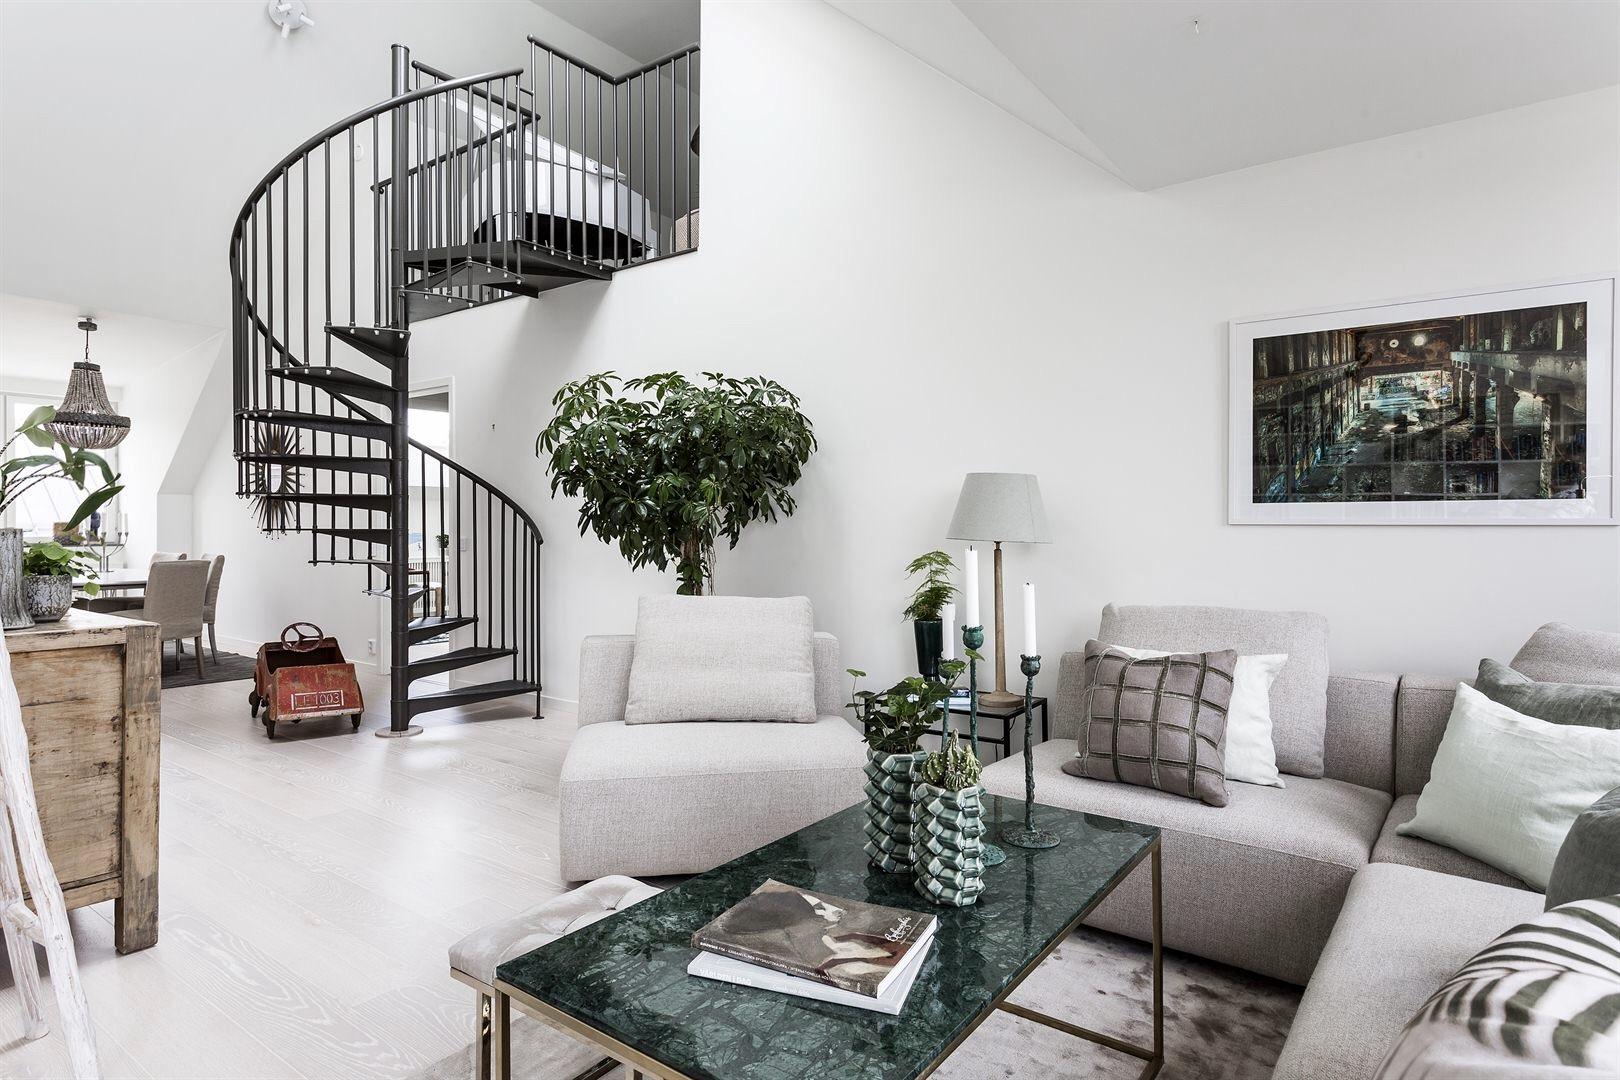 двухуровневая квартира высокий потолок винтовая лестница металл гостиная